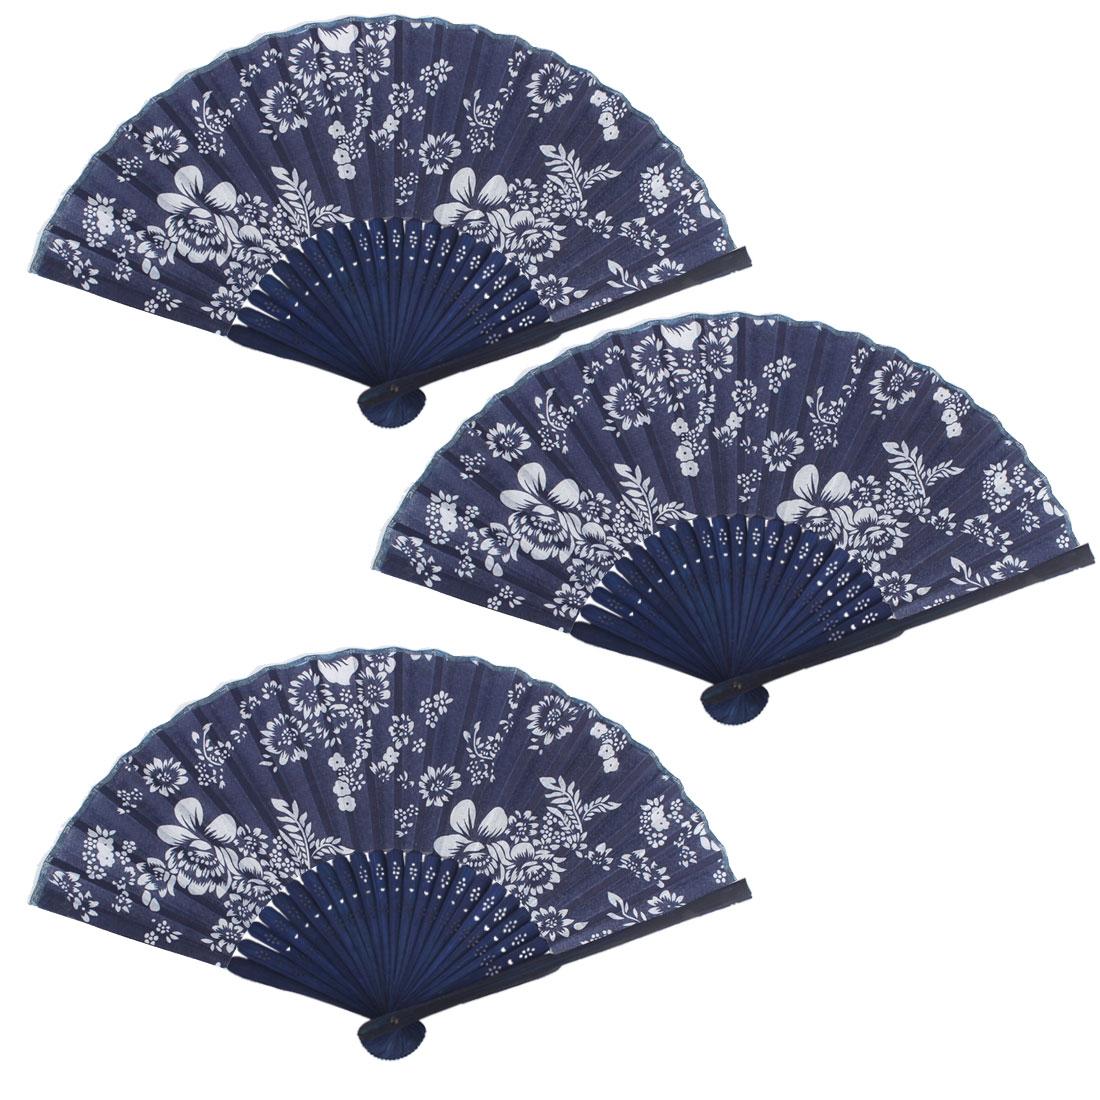 Women Performance Dancing Flower Pattern Elegant Decorative Folding Fan 3 PCS